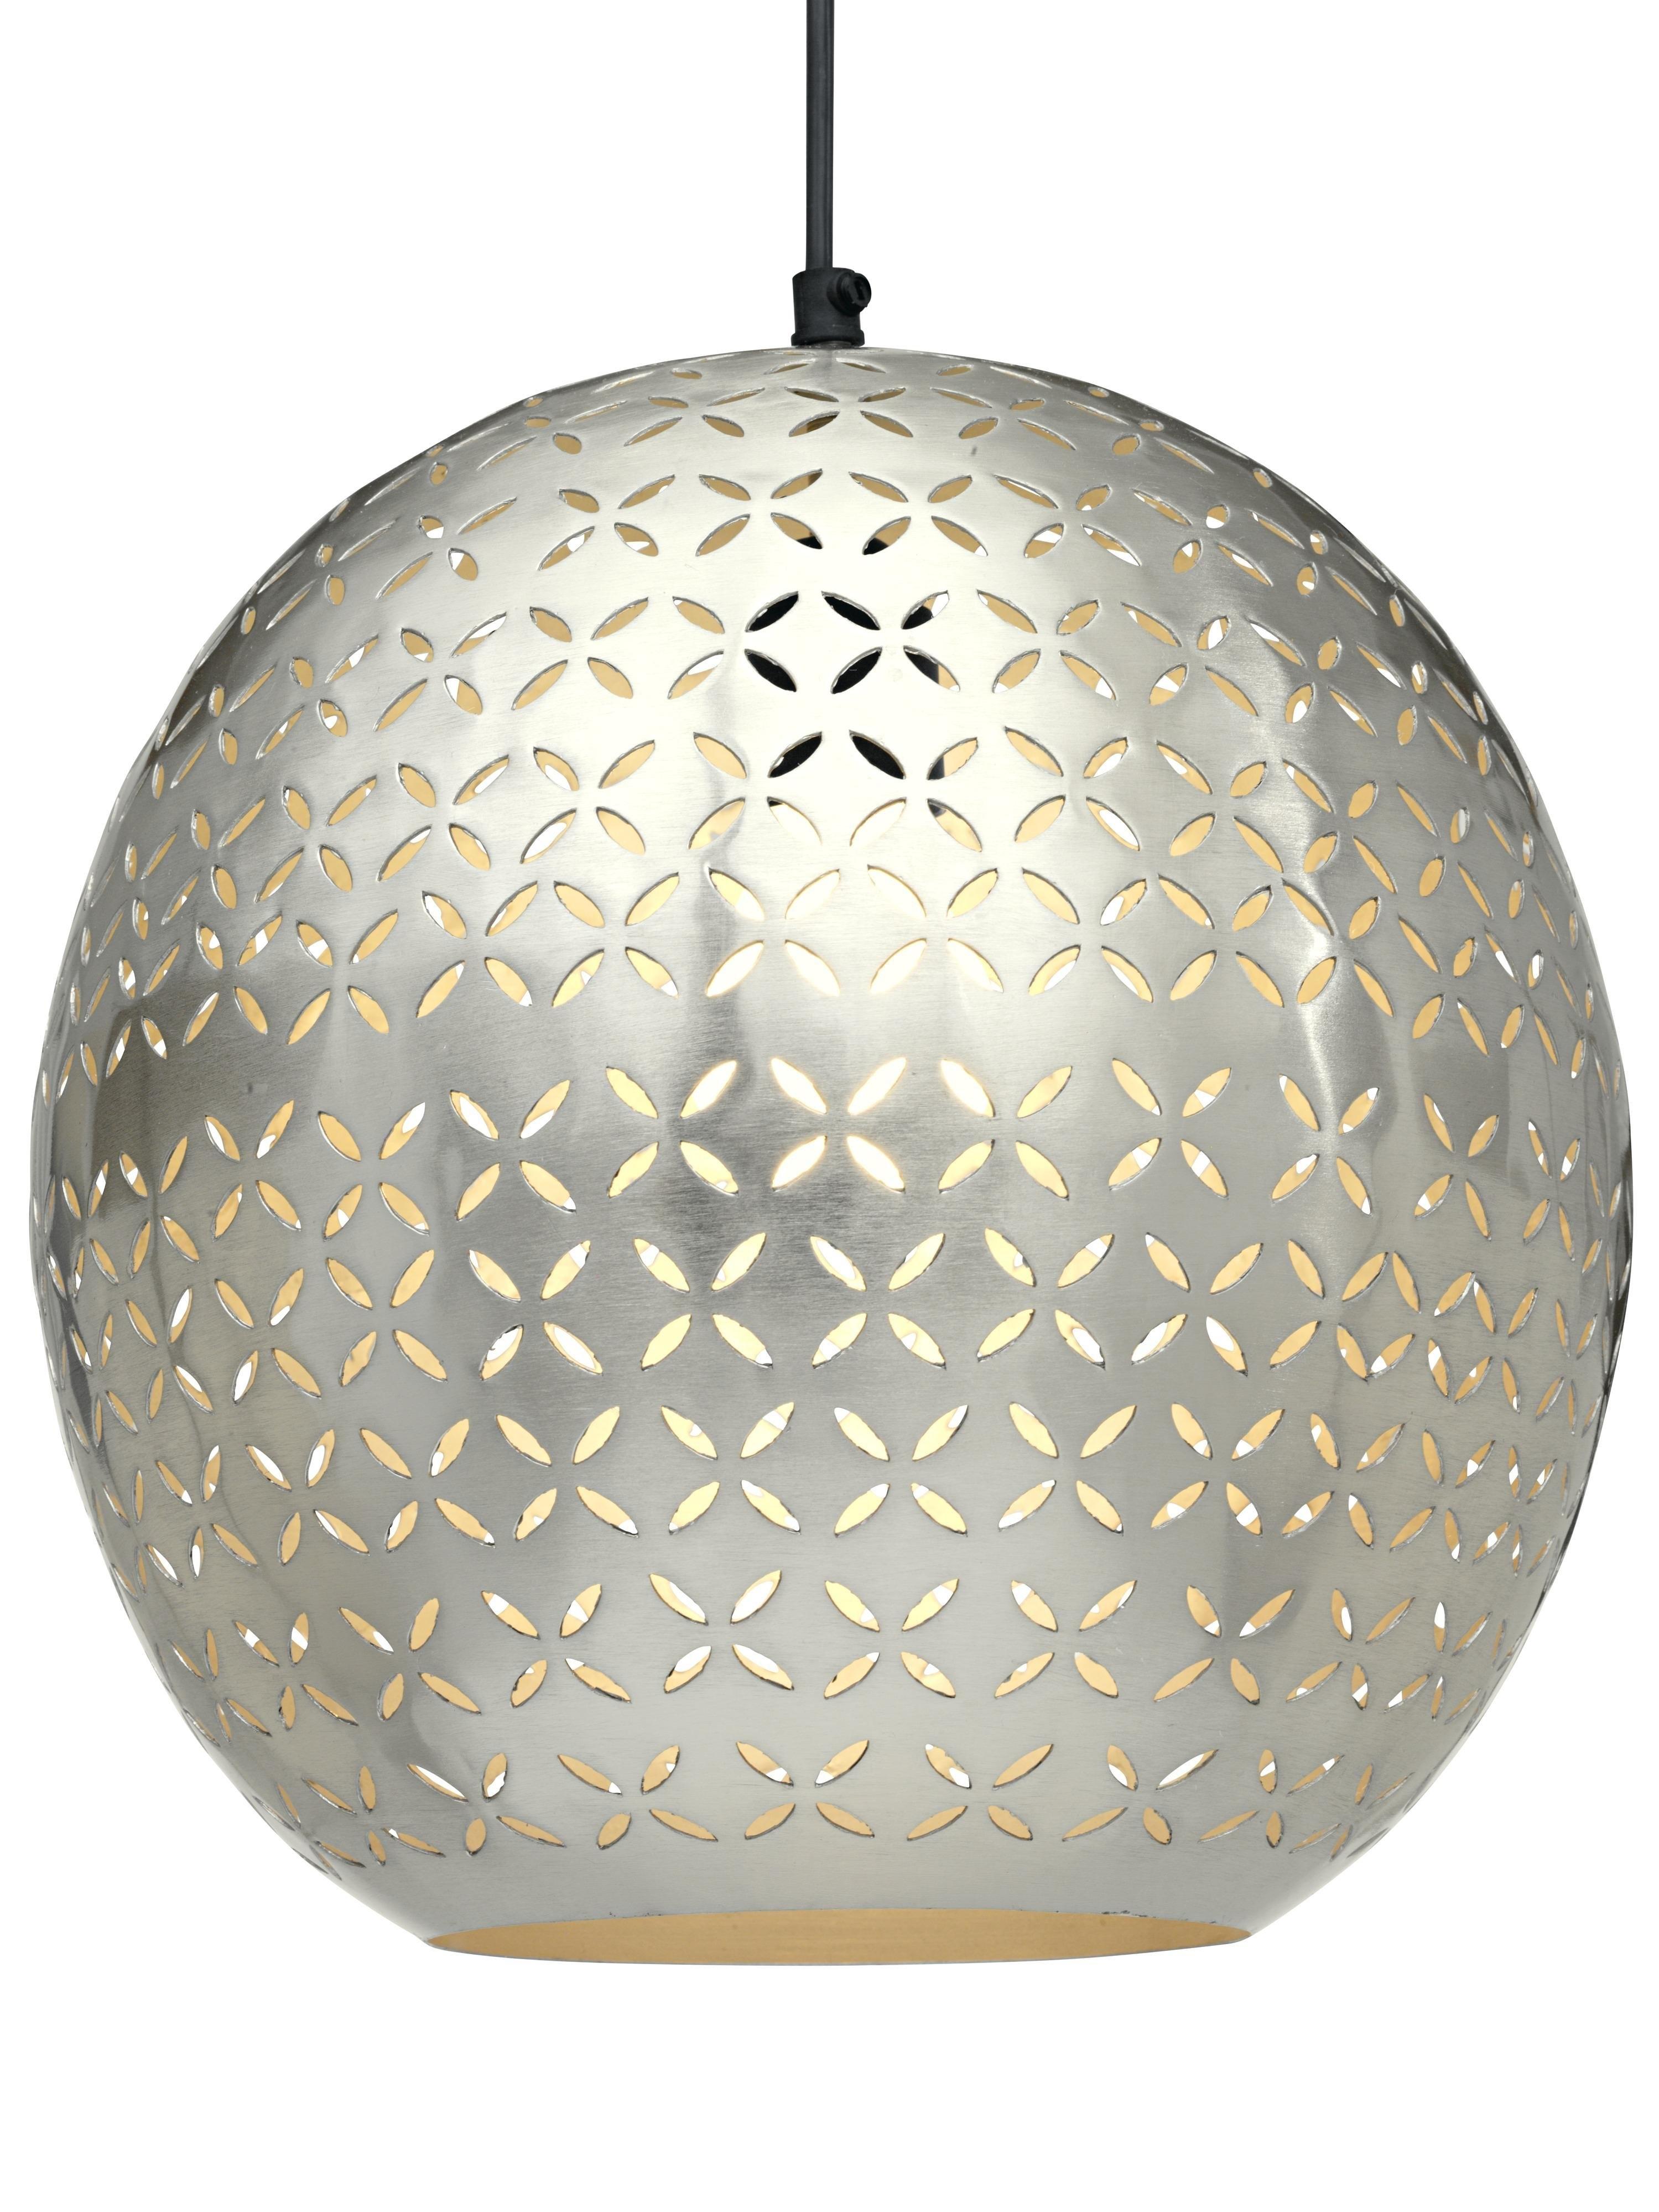 Goedkope hanglampen die perfect passen in je interieur | OTTO